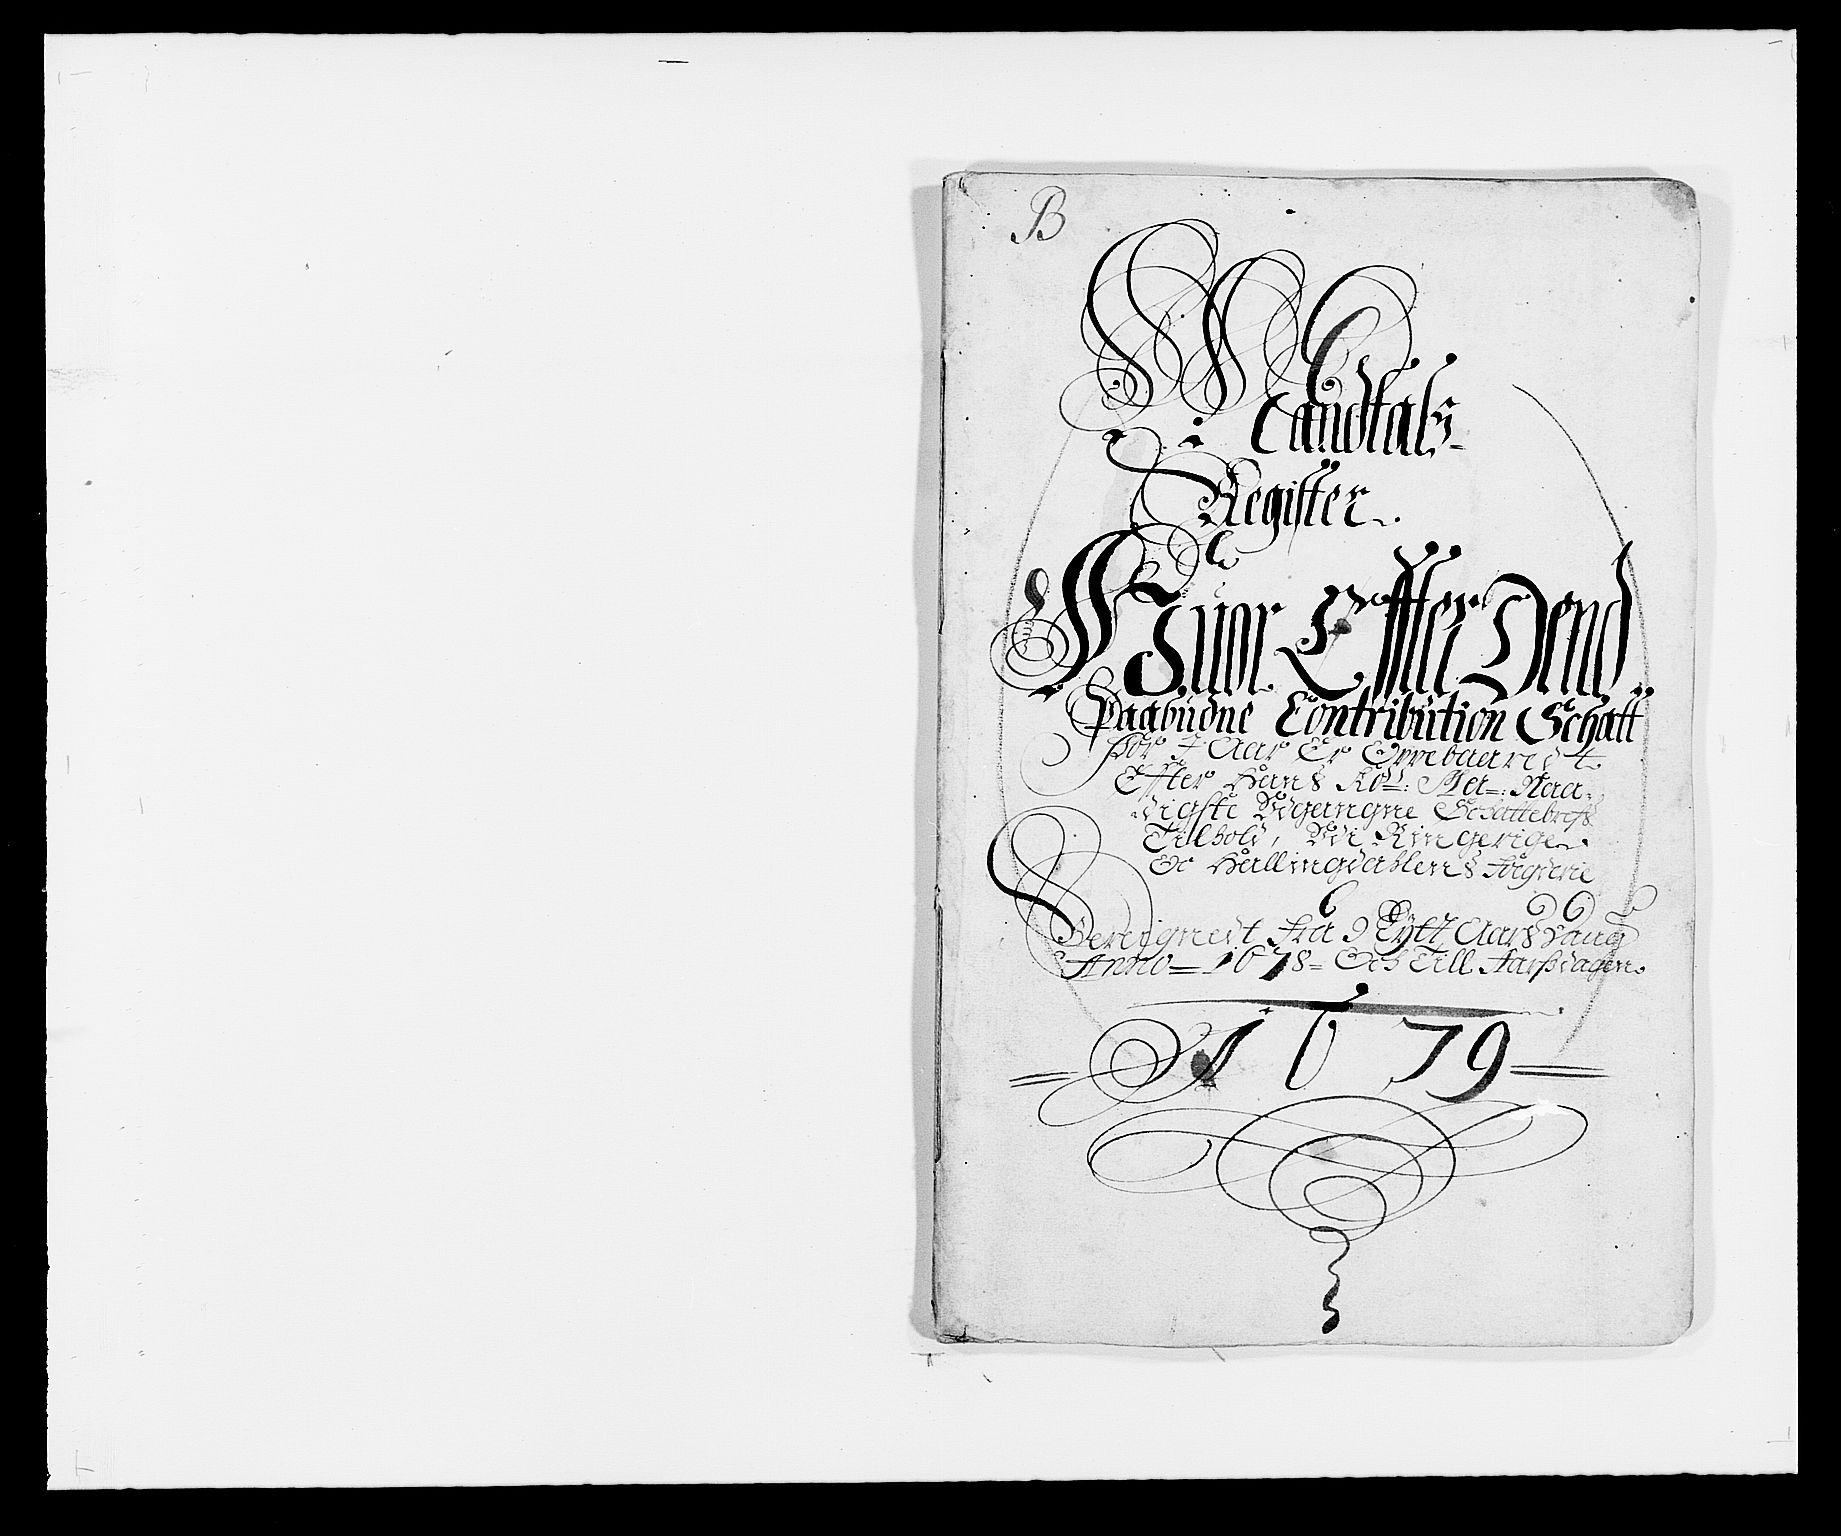 RA, Rentekammeret inntil 1814, Reviderte regnskaper, Fogderegnskap, R21/L1443: Fogderegnskap Ringerike og Hallingdal, 1678-1680, s. 59